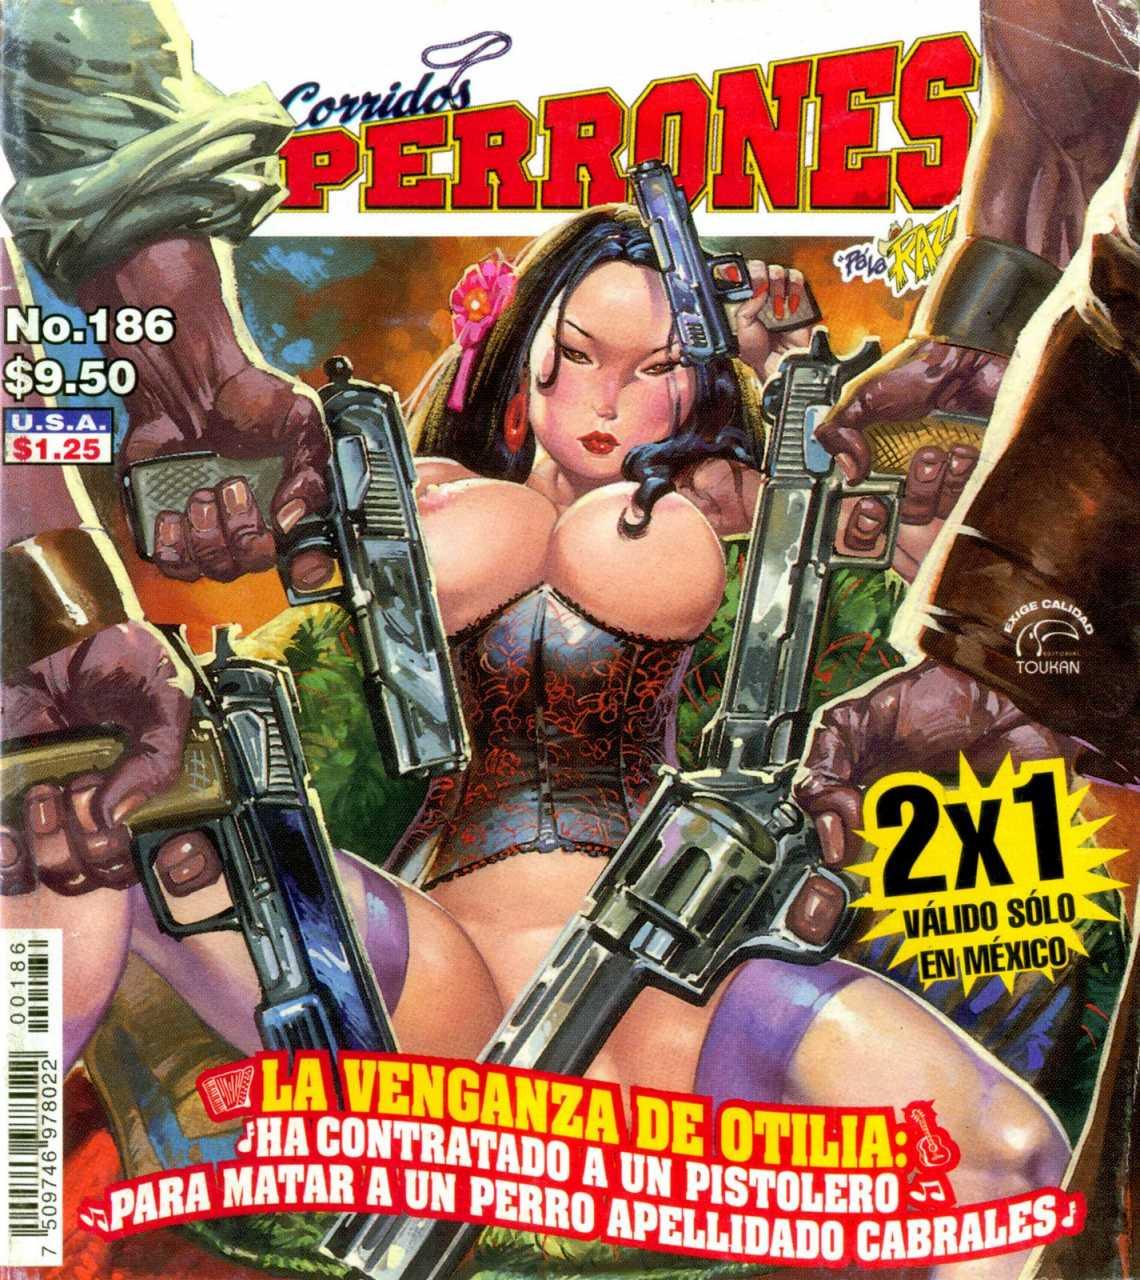 2238590-corridos_perrones_no186